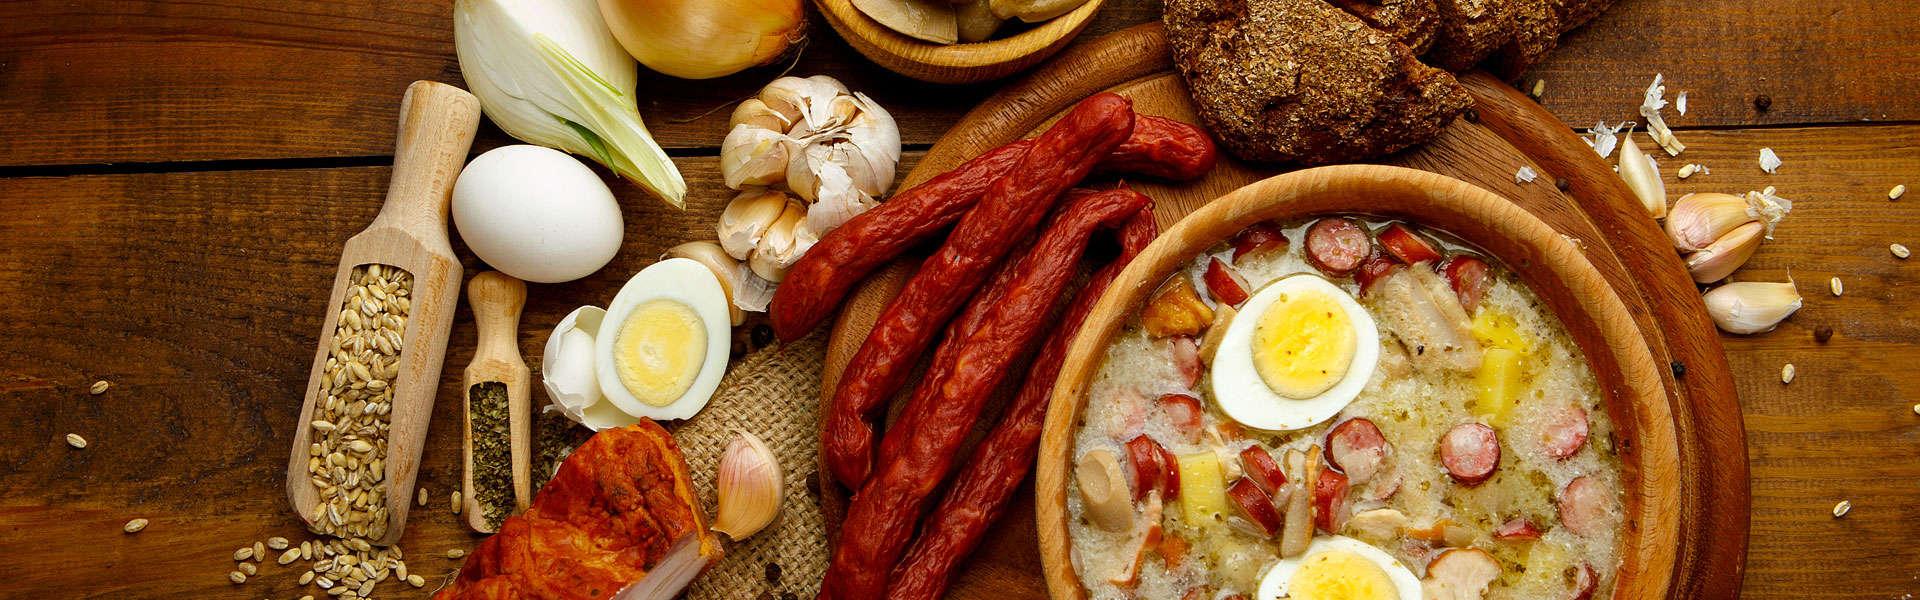 Ein kulinarisches Highlight! Die polnische Küche zur Fußball-EM 2012 in Polen